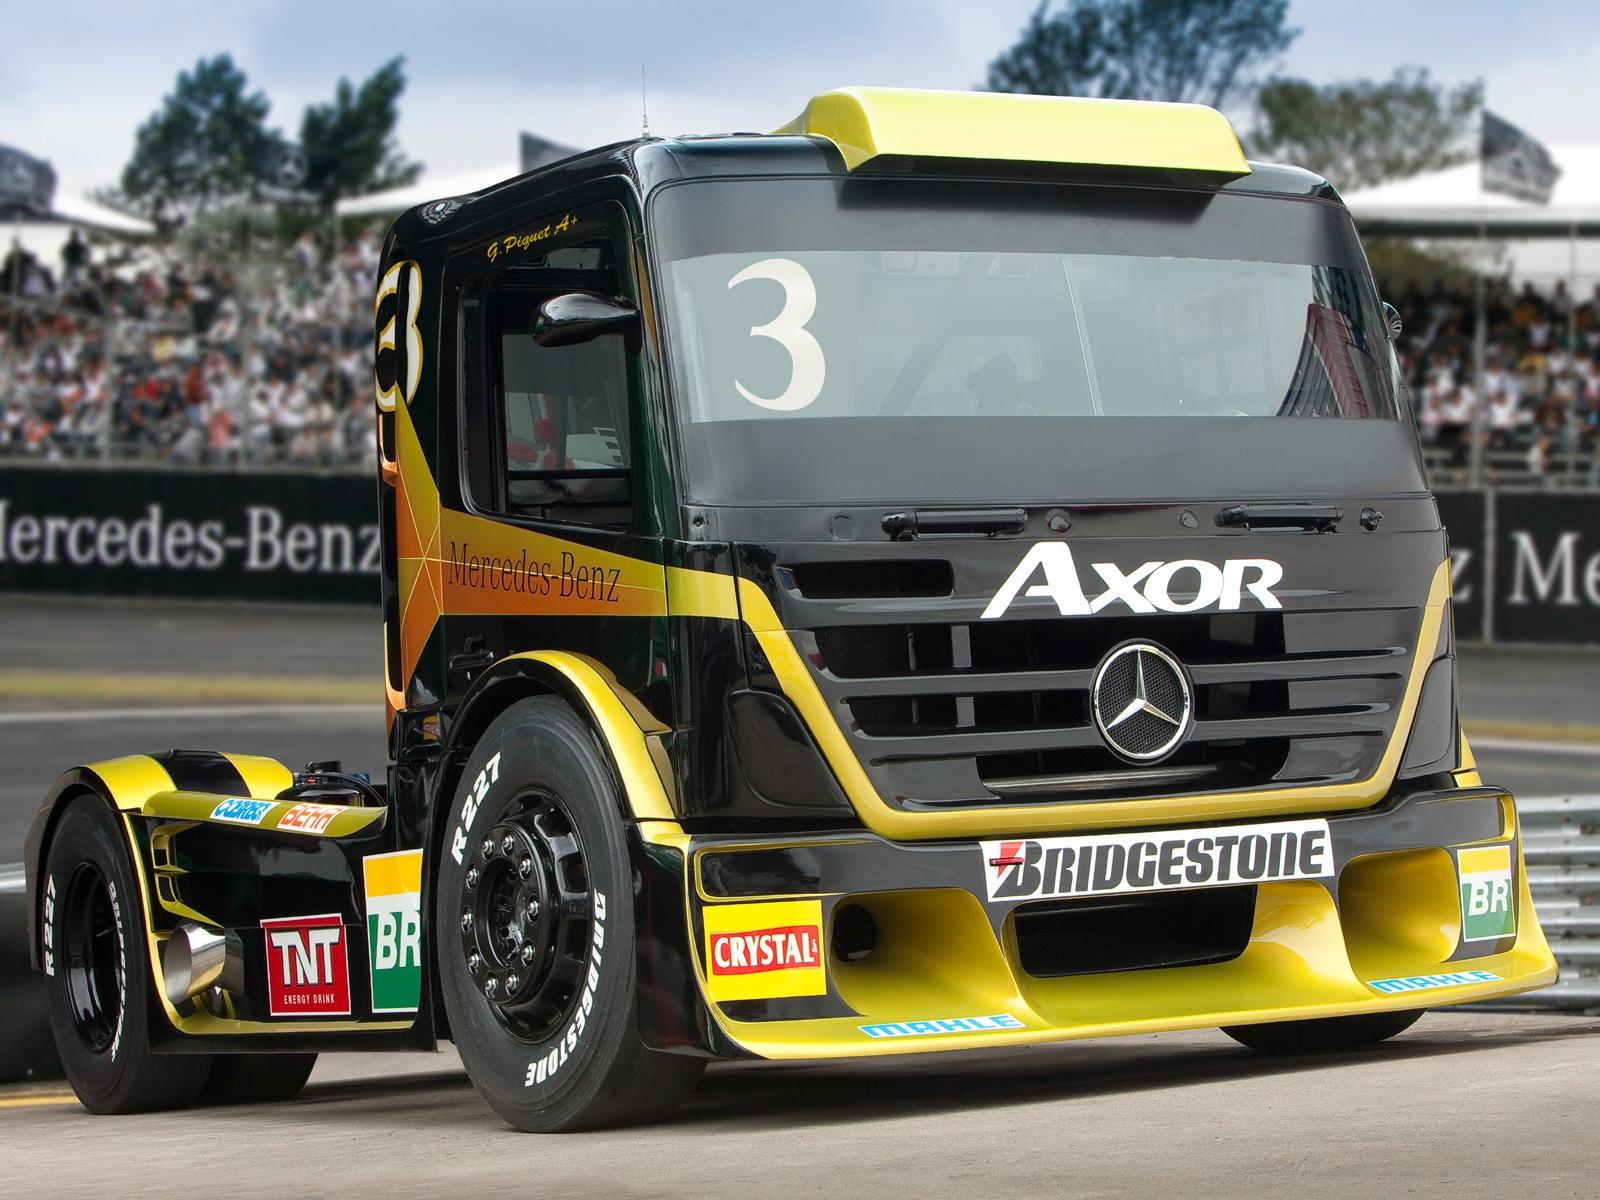 2011 mercedes benz axor formula truck tractor semi rig for Mercedes benz small trucks